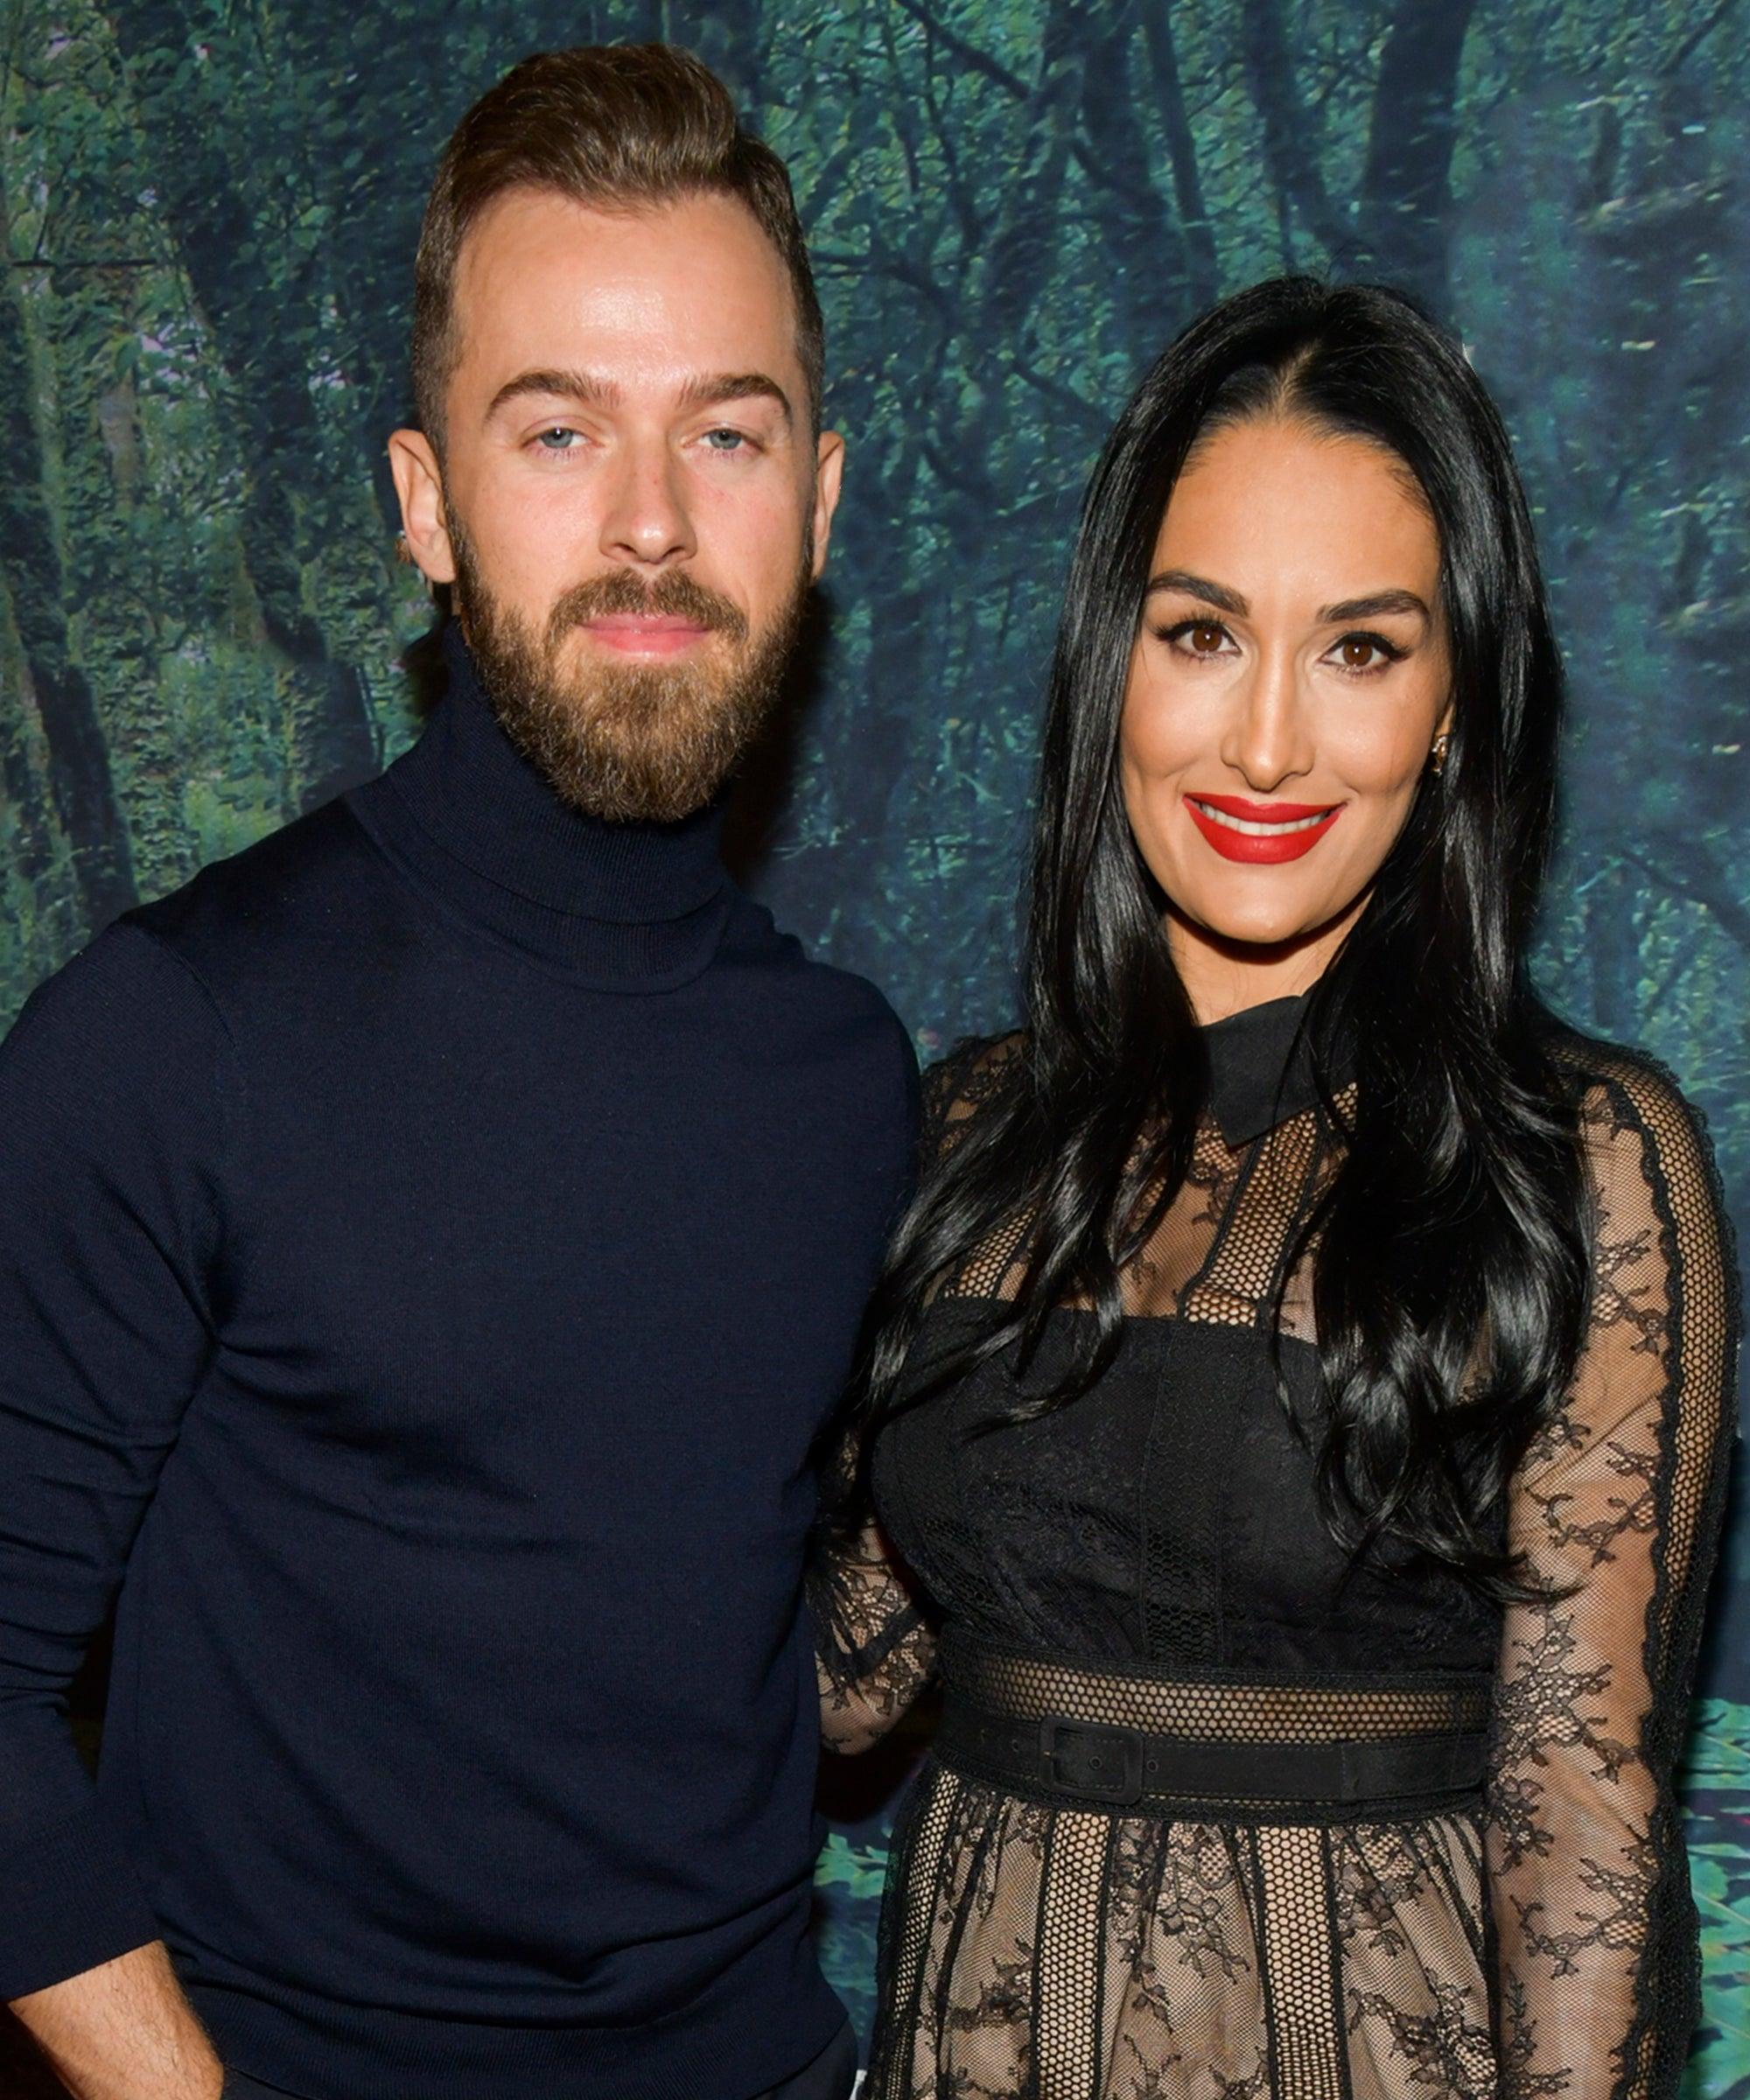 Nikki Bella Engaged To Artem Chigvintsev From DWTS